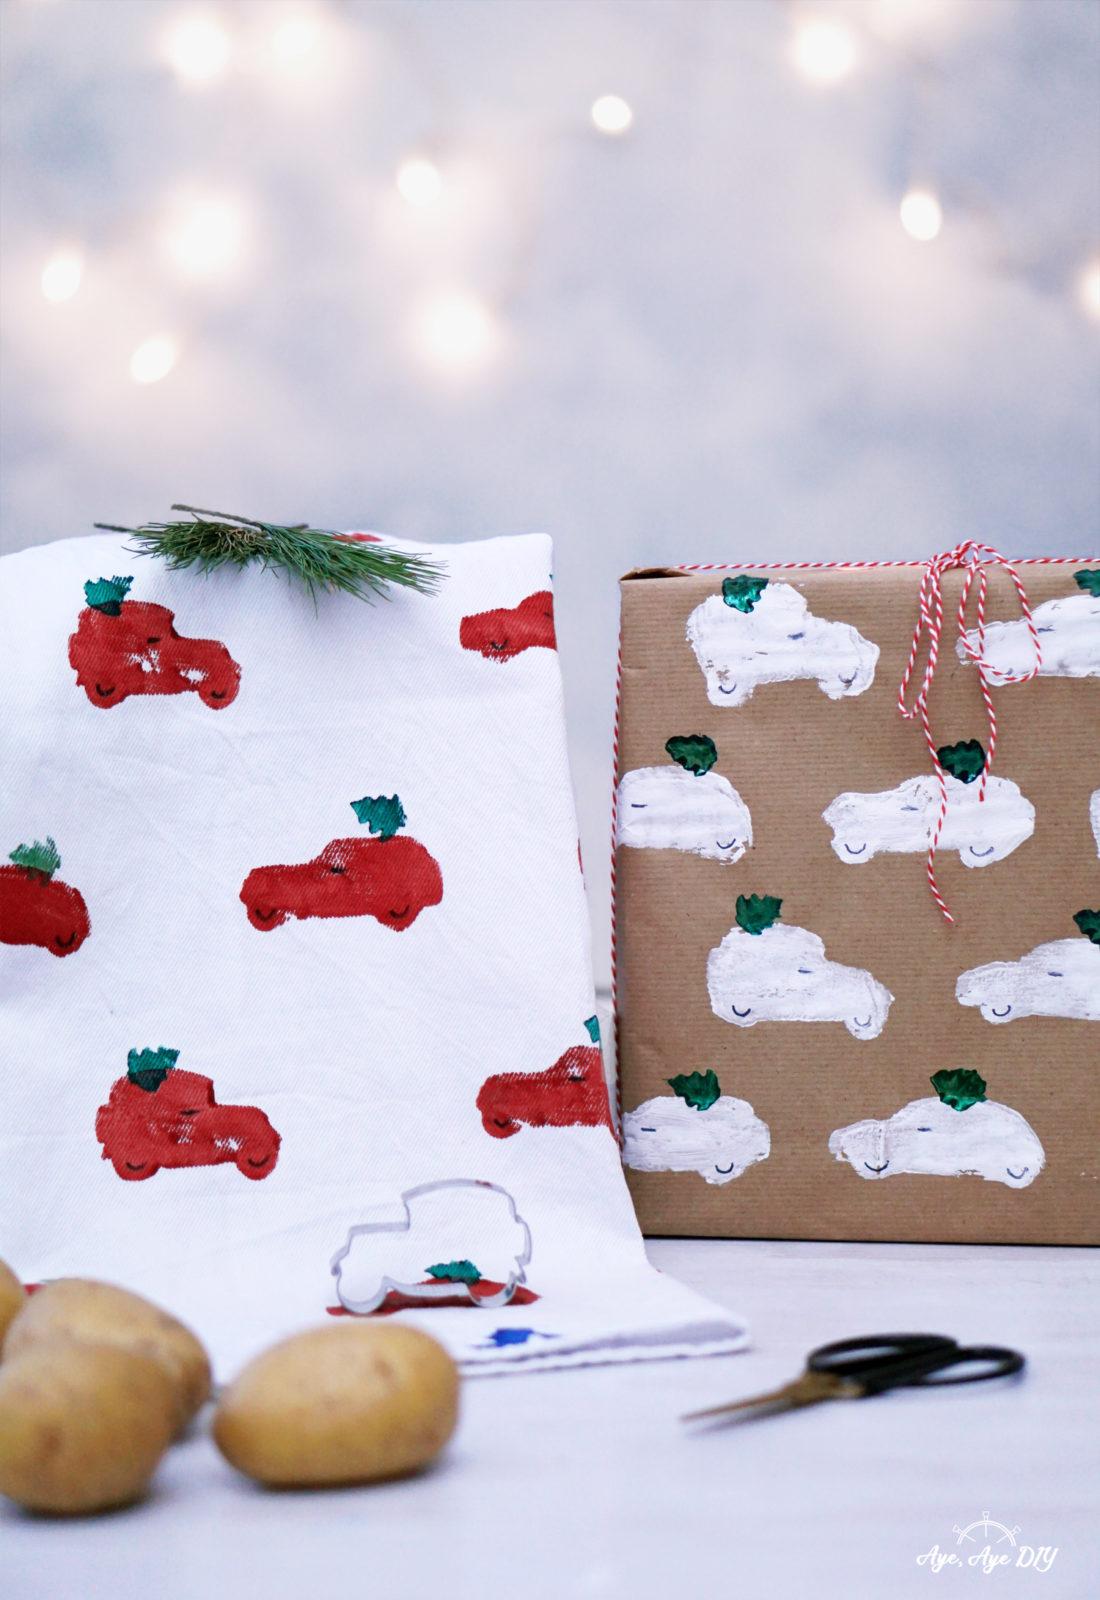 Kartoffeldruck auf Stoff und Papier: Geschenke kreativ verpacken